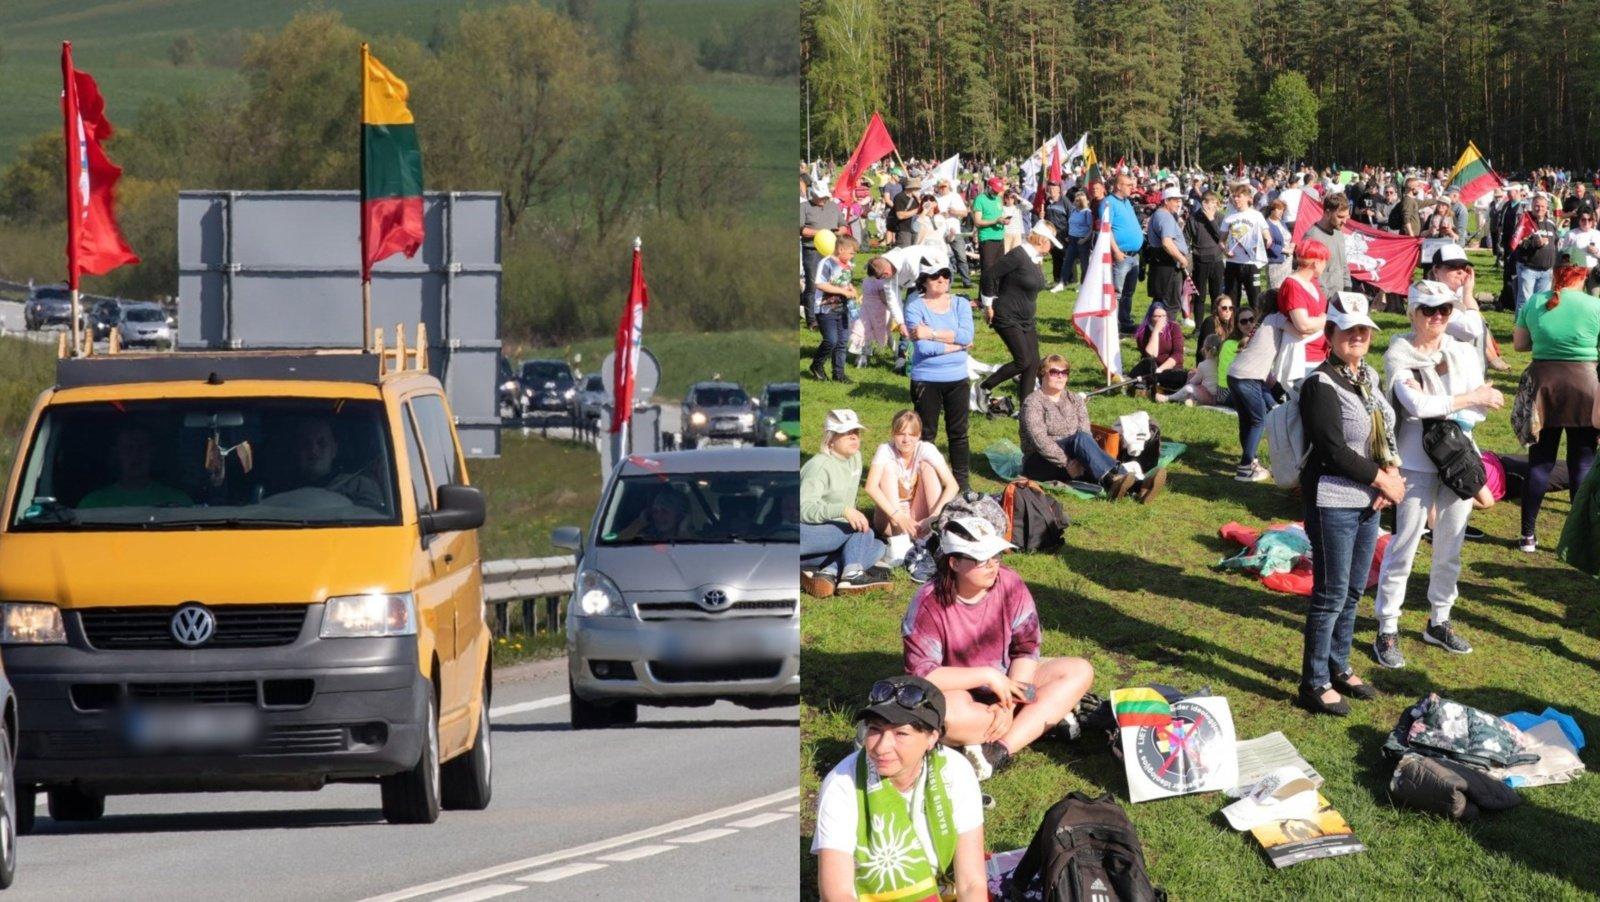 Svarbiausi savaitgalio įvykiai: šeimos maršas ir sulaikyti bėgliai